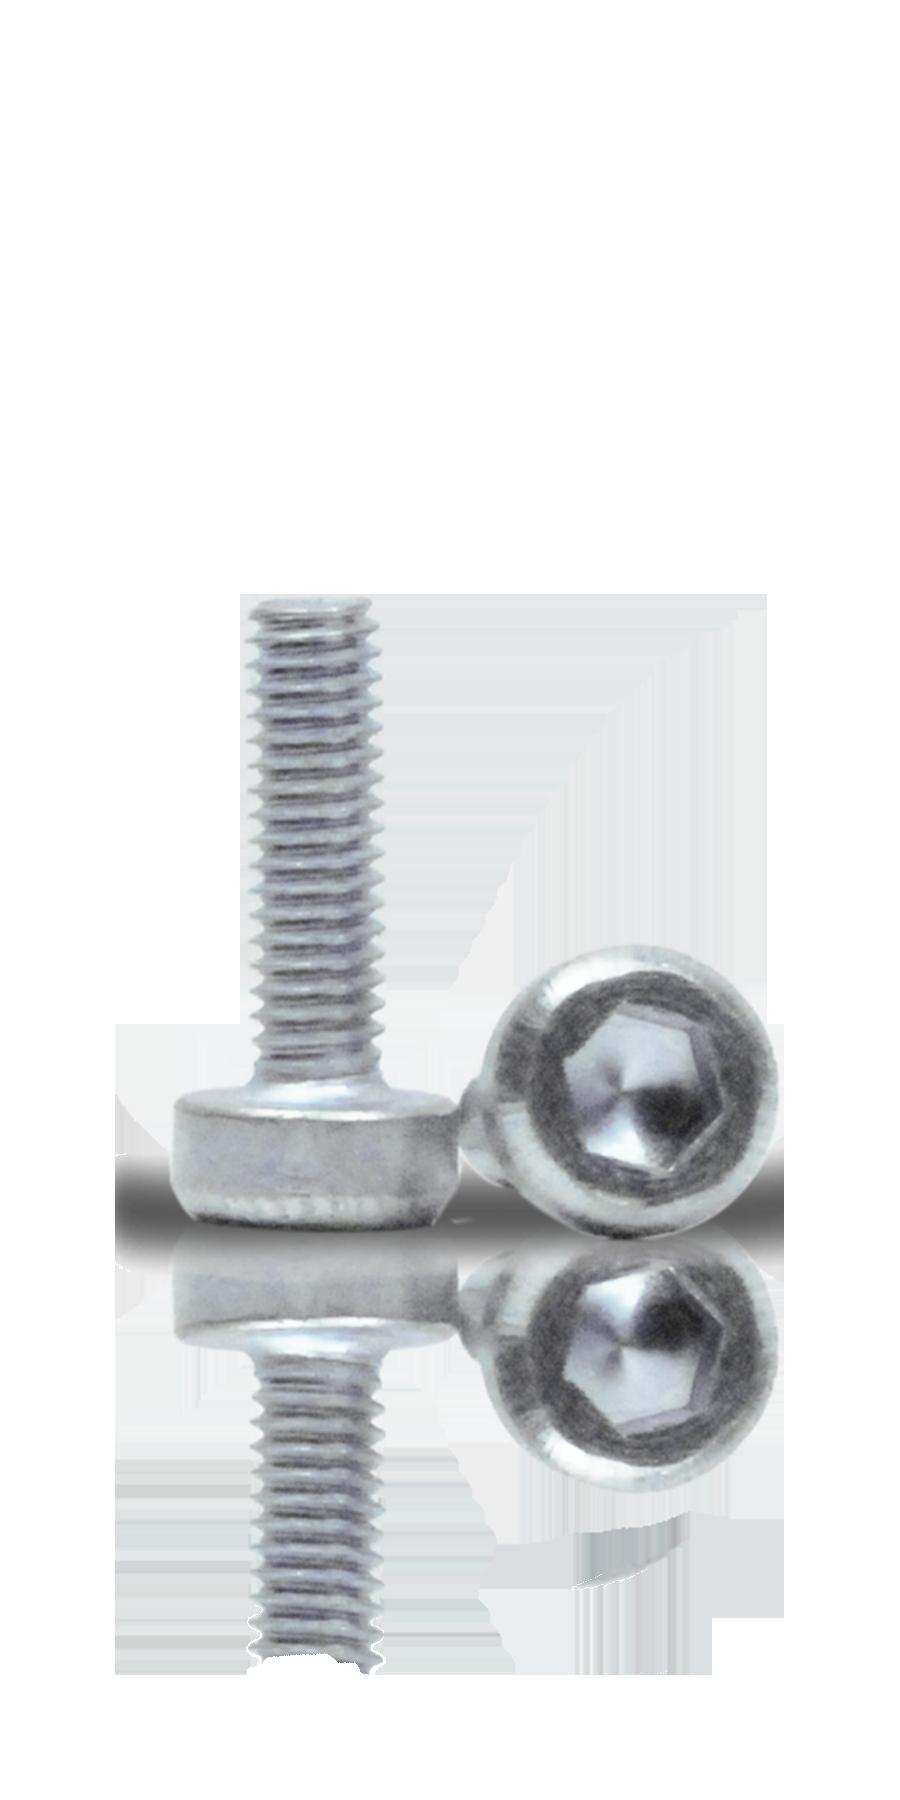 Viti per accessori alluminio 1